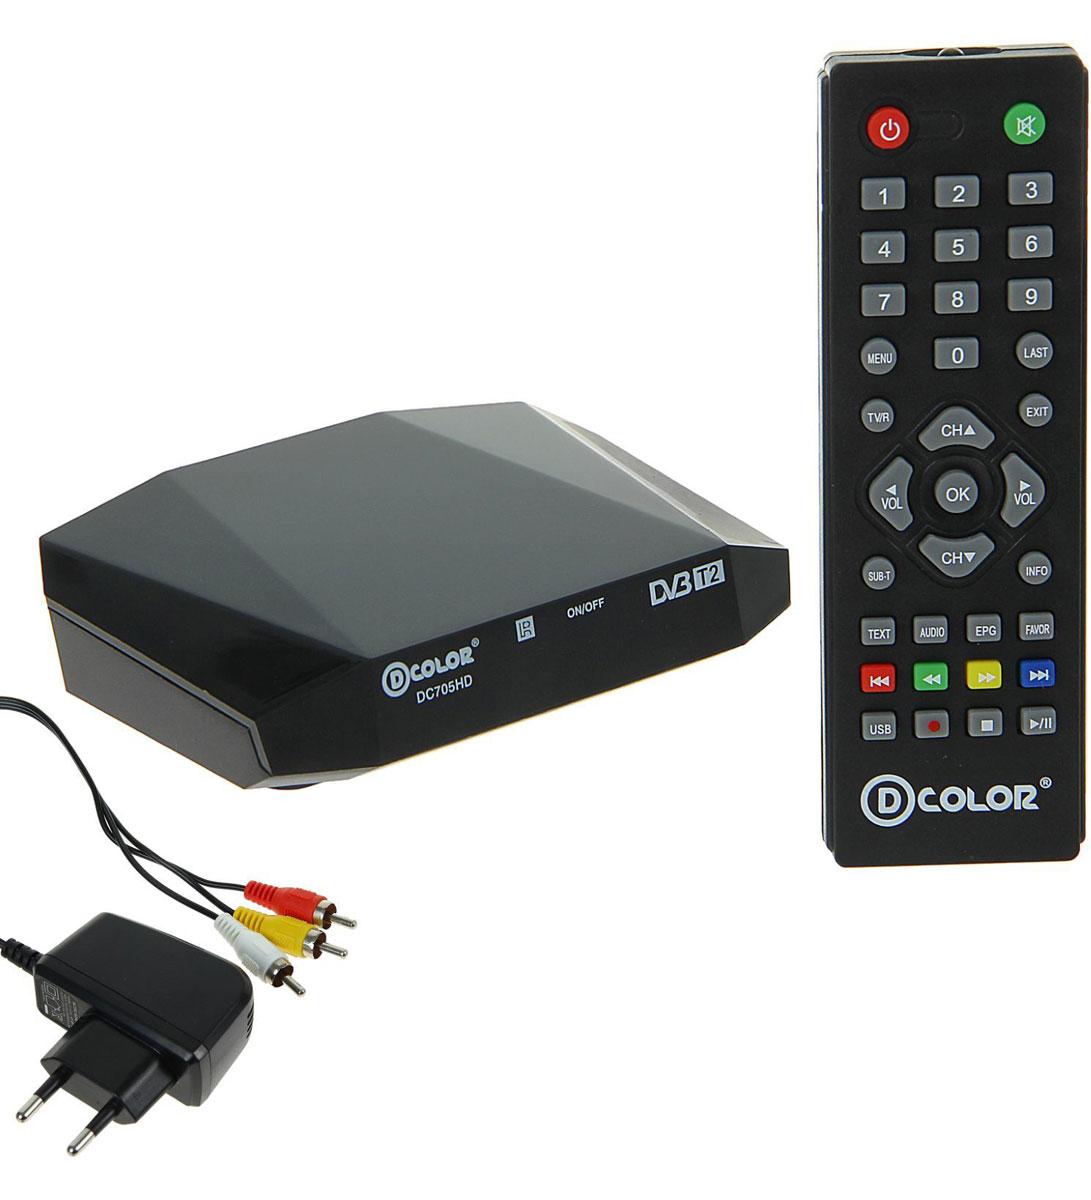 D-Color DC705HD DVB-T2 цифровой ТВ-тюнер4603725280878Цифровой ТВ-тюнер D-Color DC705HD отвечает всем самым современным требованиям к цифровым ресиверам. Новейшее ПО и качественные комплектующие позволяют передавать четкую, яркую, сочную картинку даже в самых отдаленных регионах России.Процессор: Ali 3821Тюнер: R836Тип корпуса: пластик